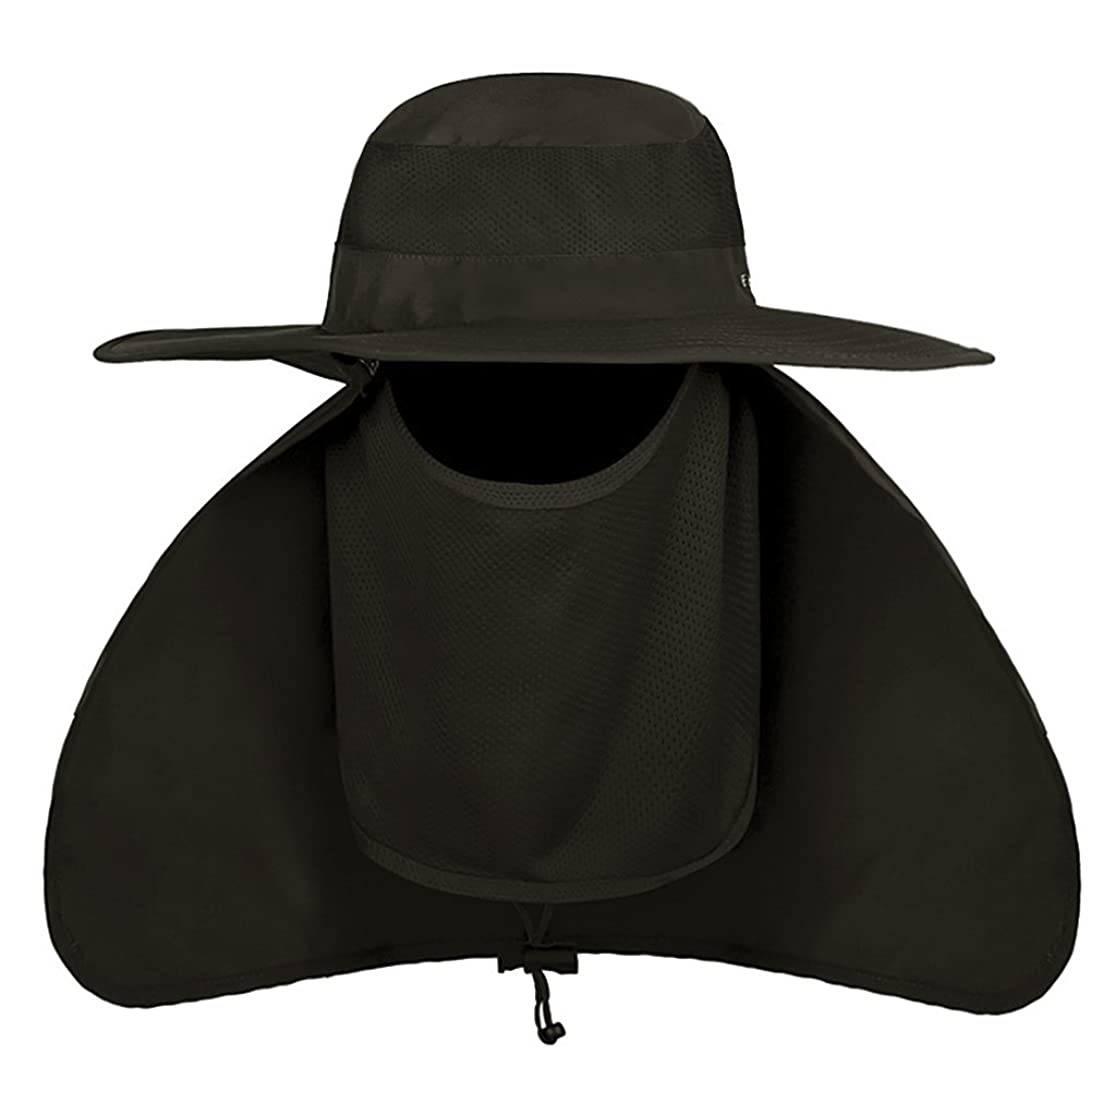 帽子 ぼうし フェイスカバー 虫除け 蚊対策 UVカット 日焼け ハット 360度保護 紫外線 農作業用 ガーデニング 釣り 登山 日よけ帽子 キャップ メンズ レディース 熱中症対策 サンバイザー 自転車 フィッシングハット 防虫 防塵